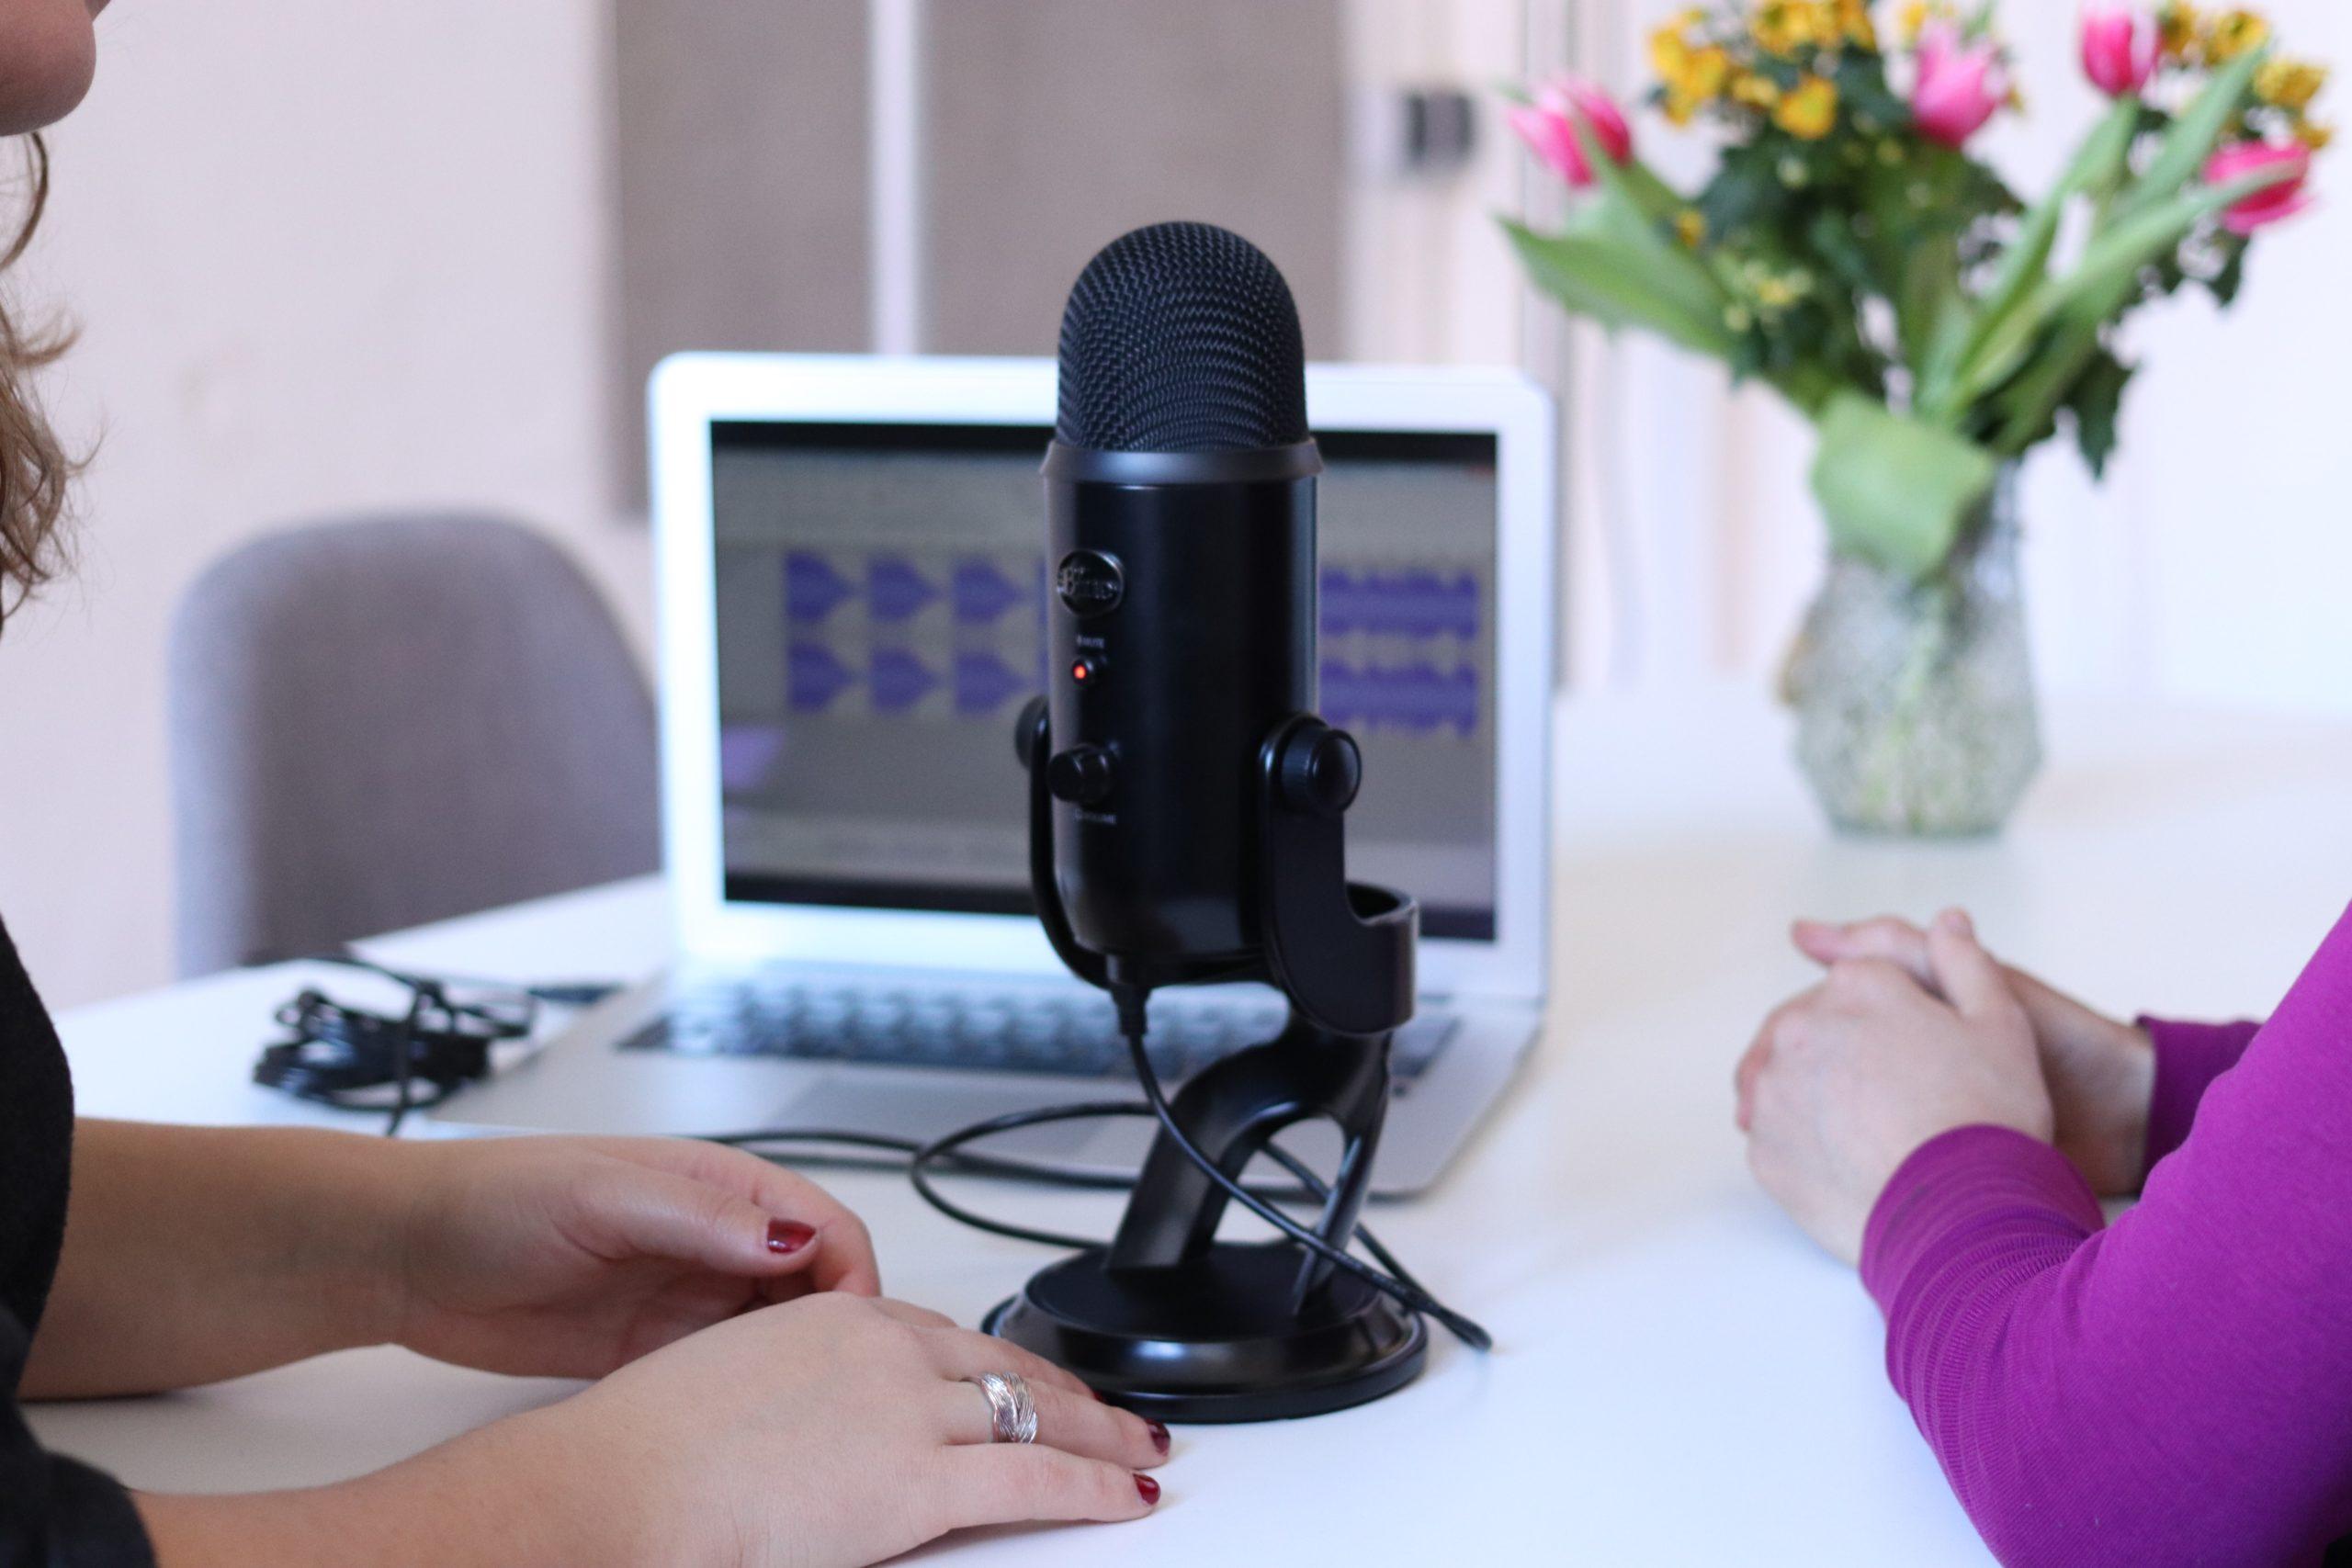 バ美声の音質を整える!声の後ろで聞こえる雑音・ノイズをとる方法